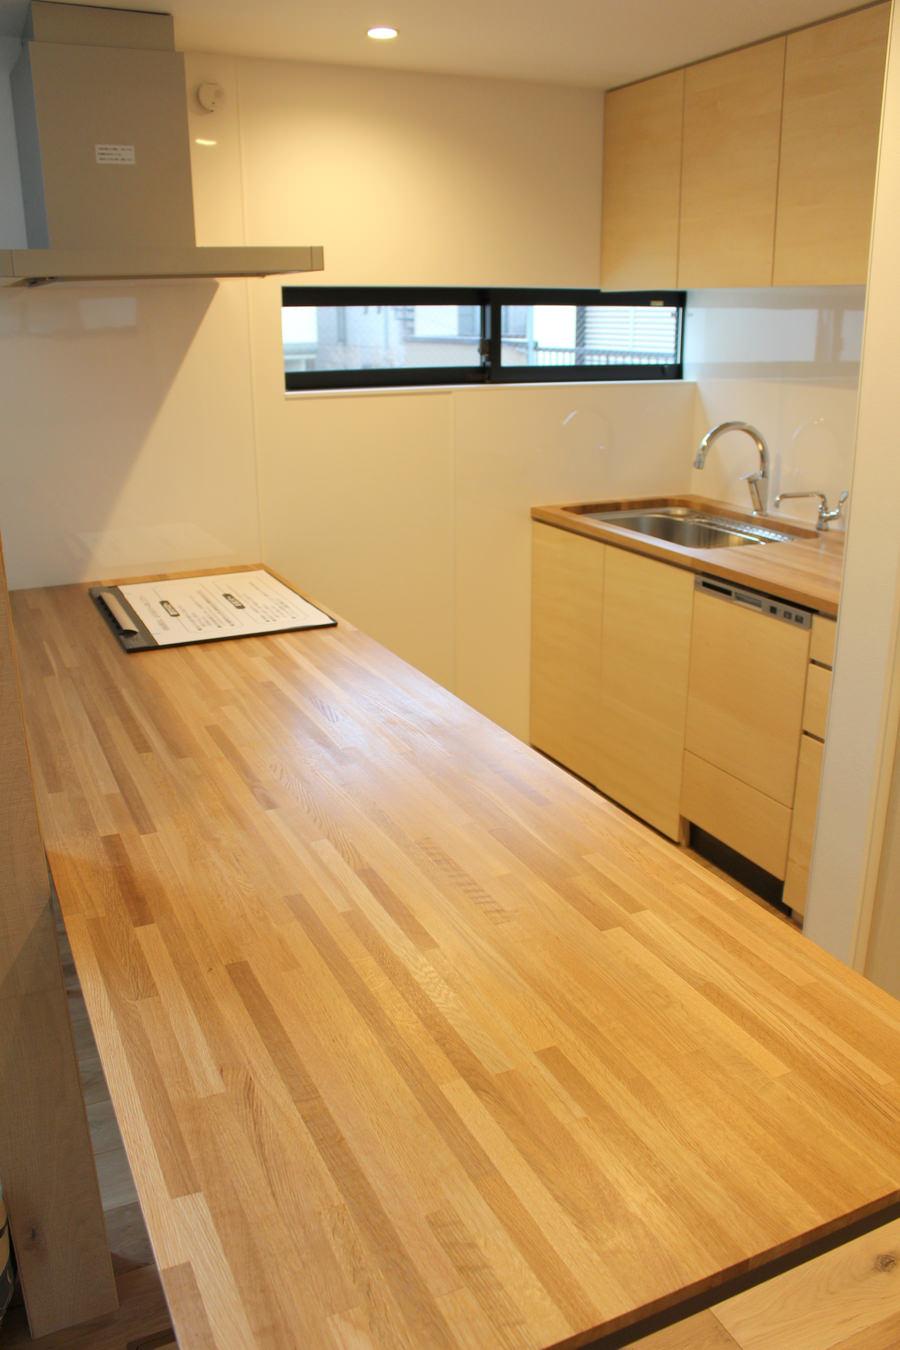 造作ダイニングテーブルの天板。オーク集成材で製作されており、モザイク模様のように見える。